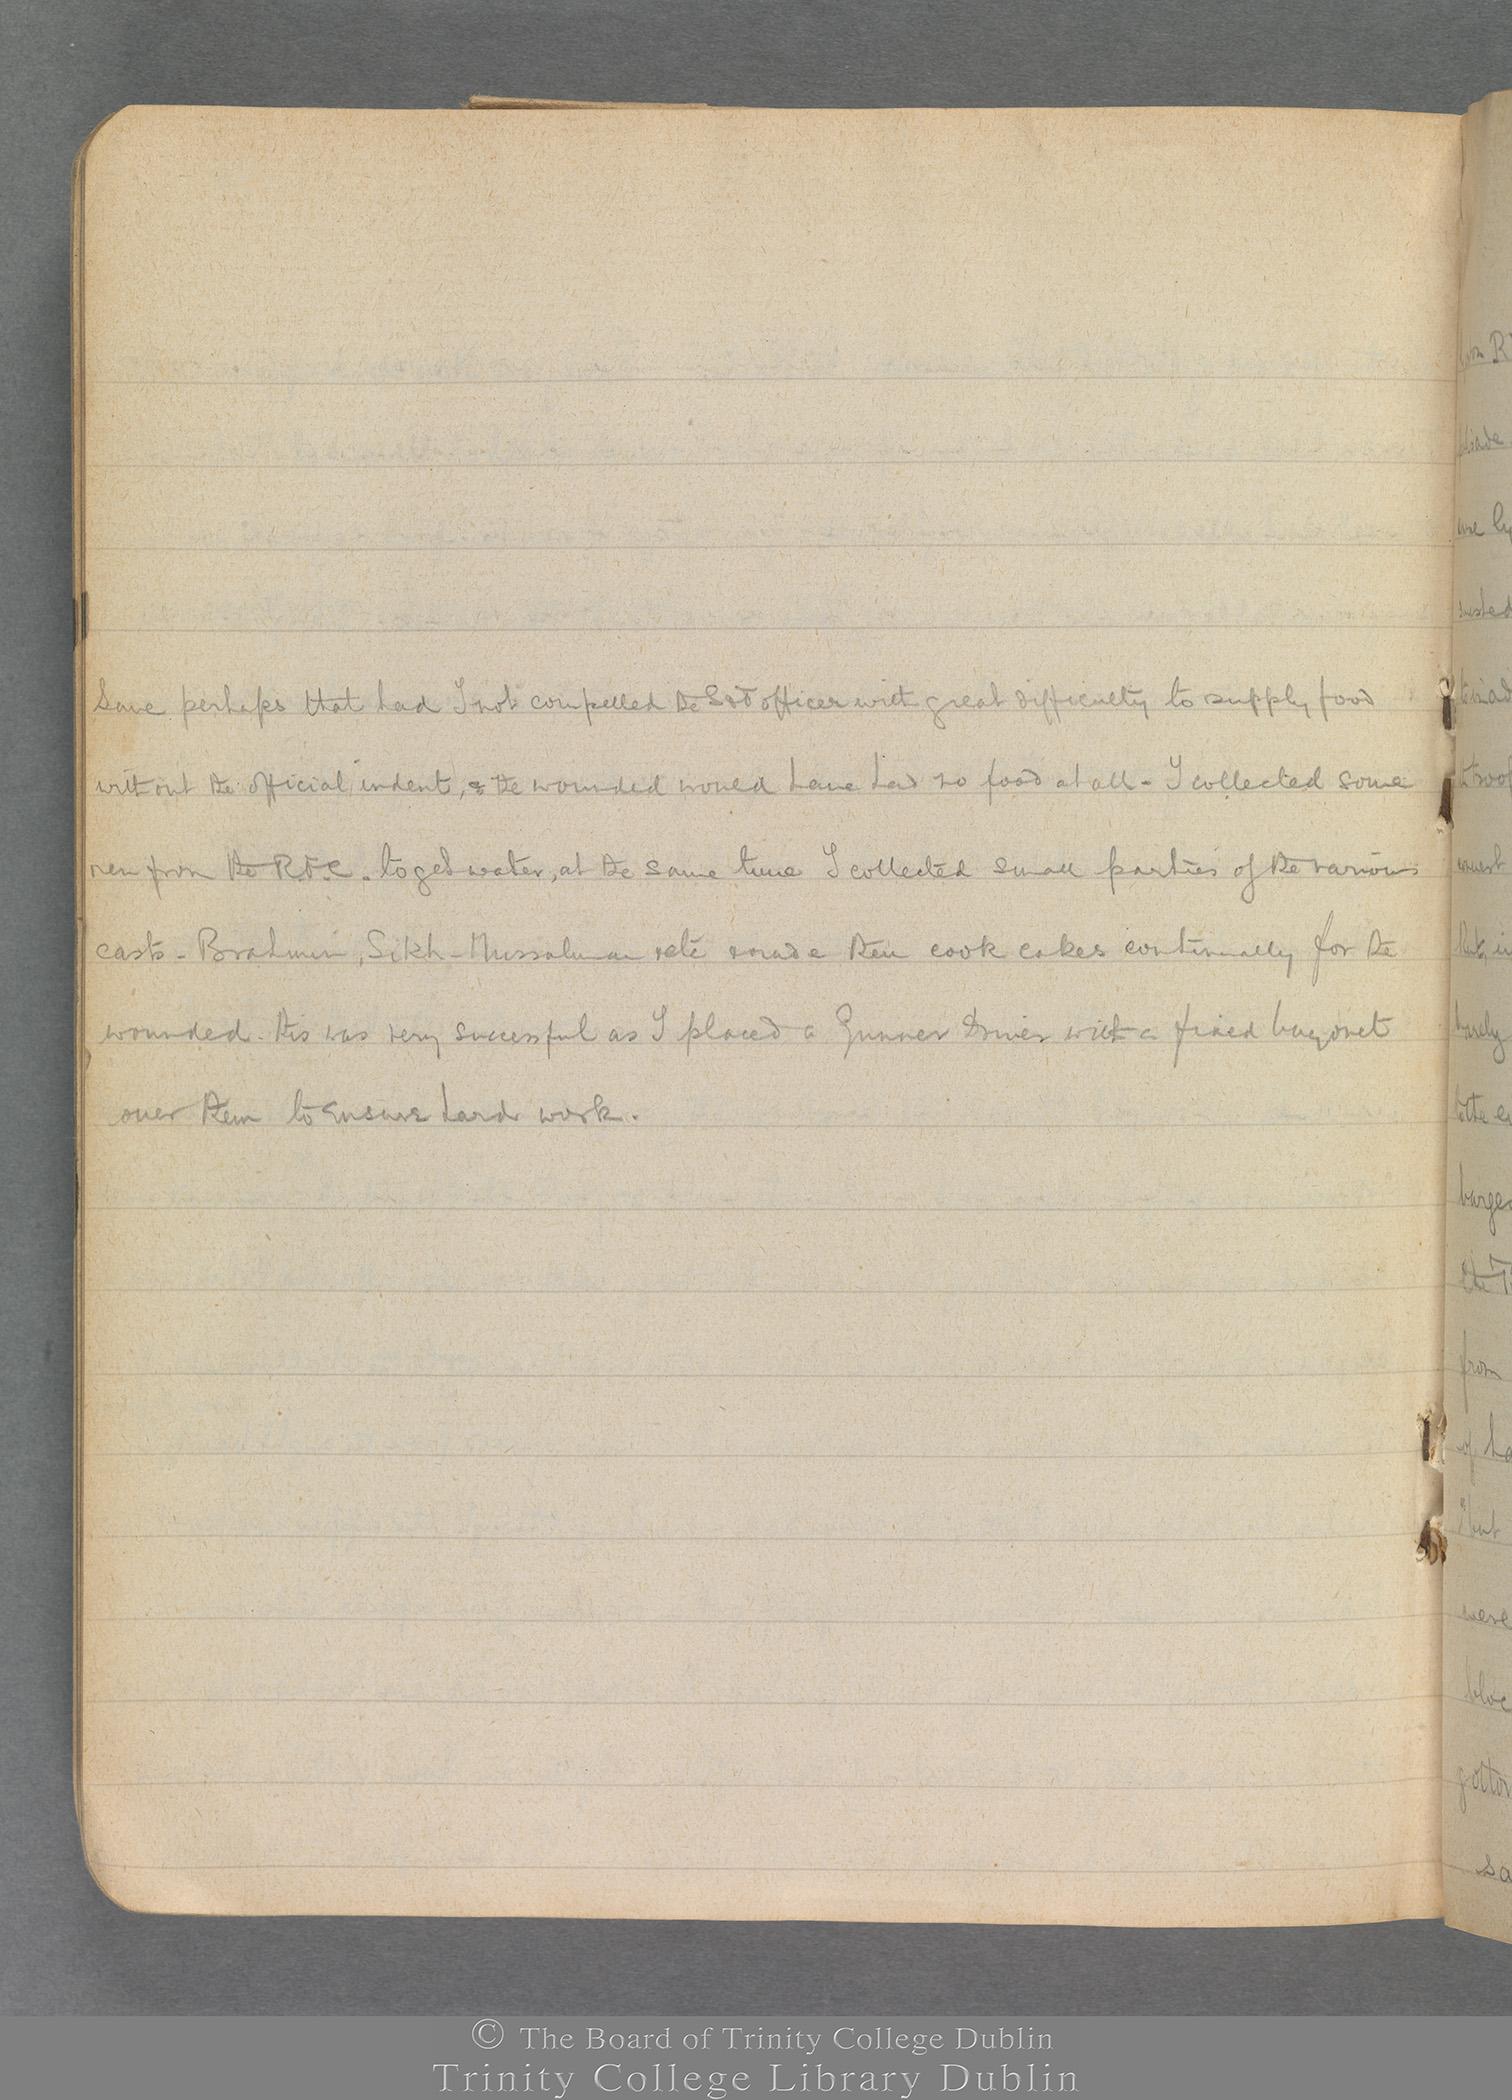 TCD MS 3414 folio 73 verso